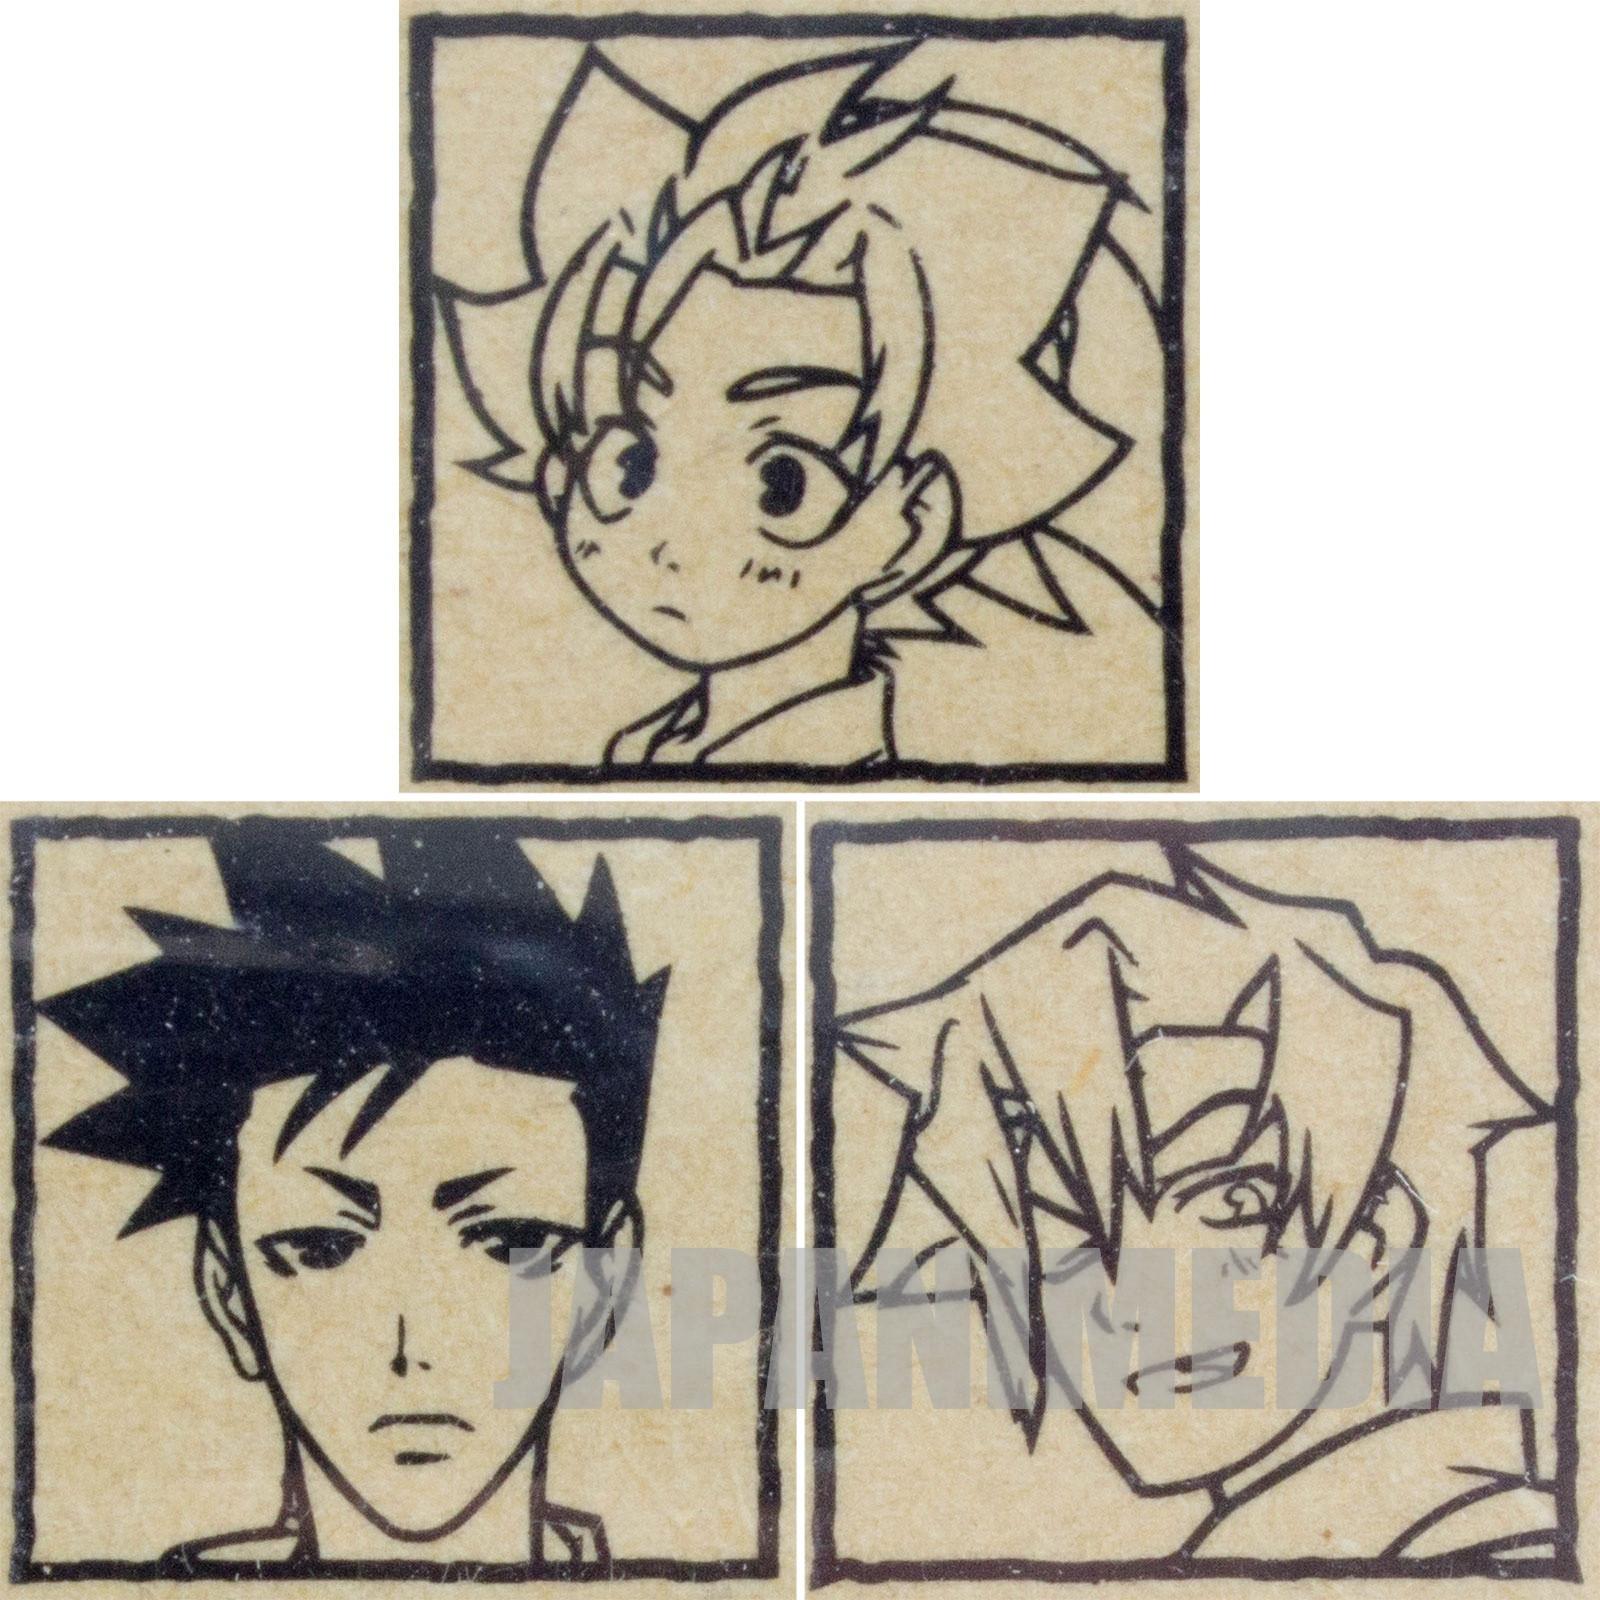 Peacemaker Kurogane Stamp 3pc set [Tetsunosuke Ichimura / Susumu Yamazaki / Suzu Kitamura ] JAPAN